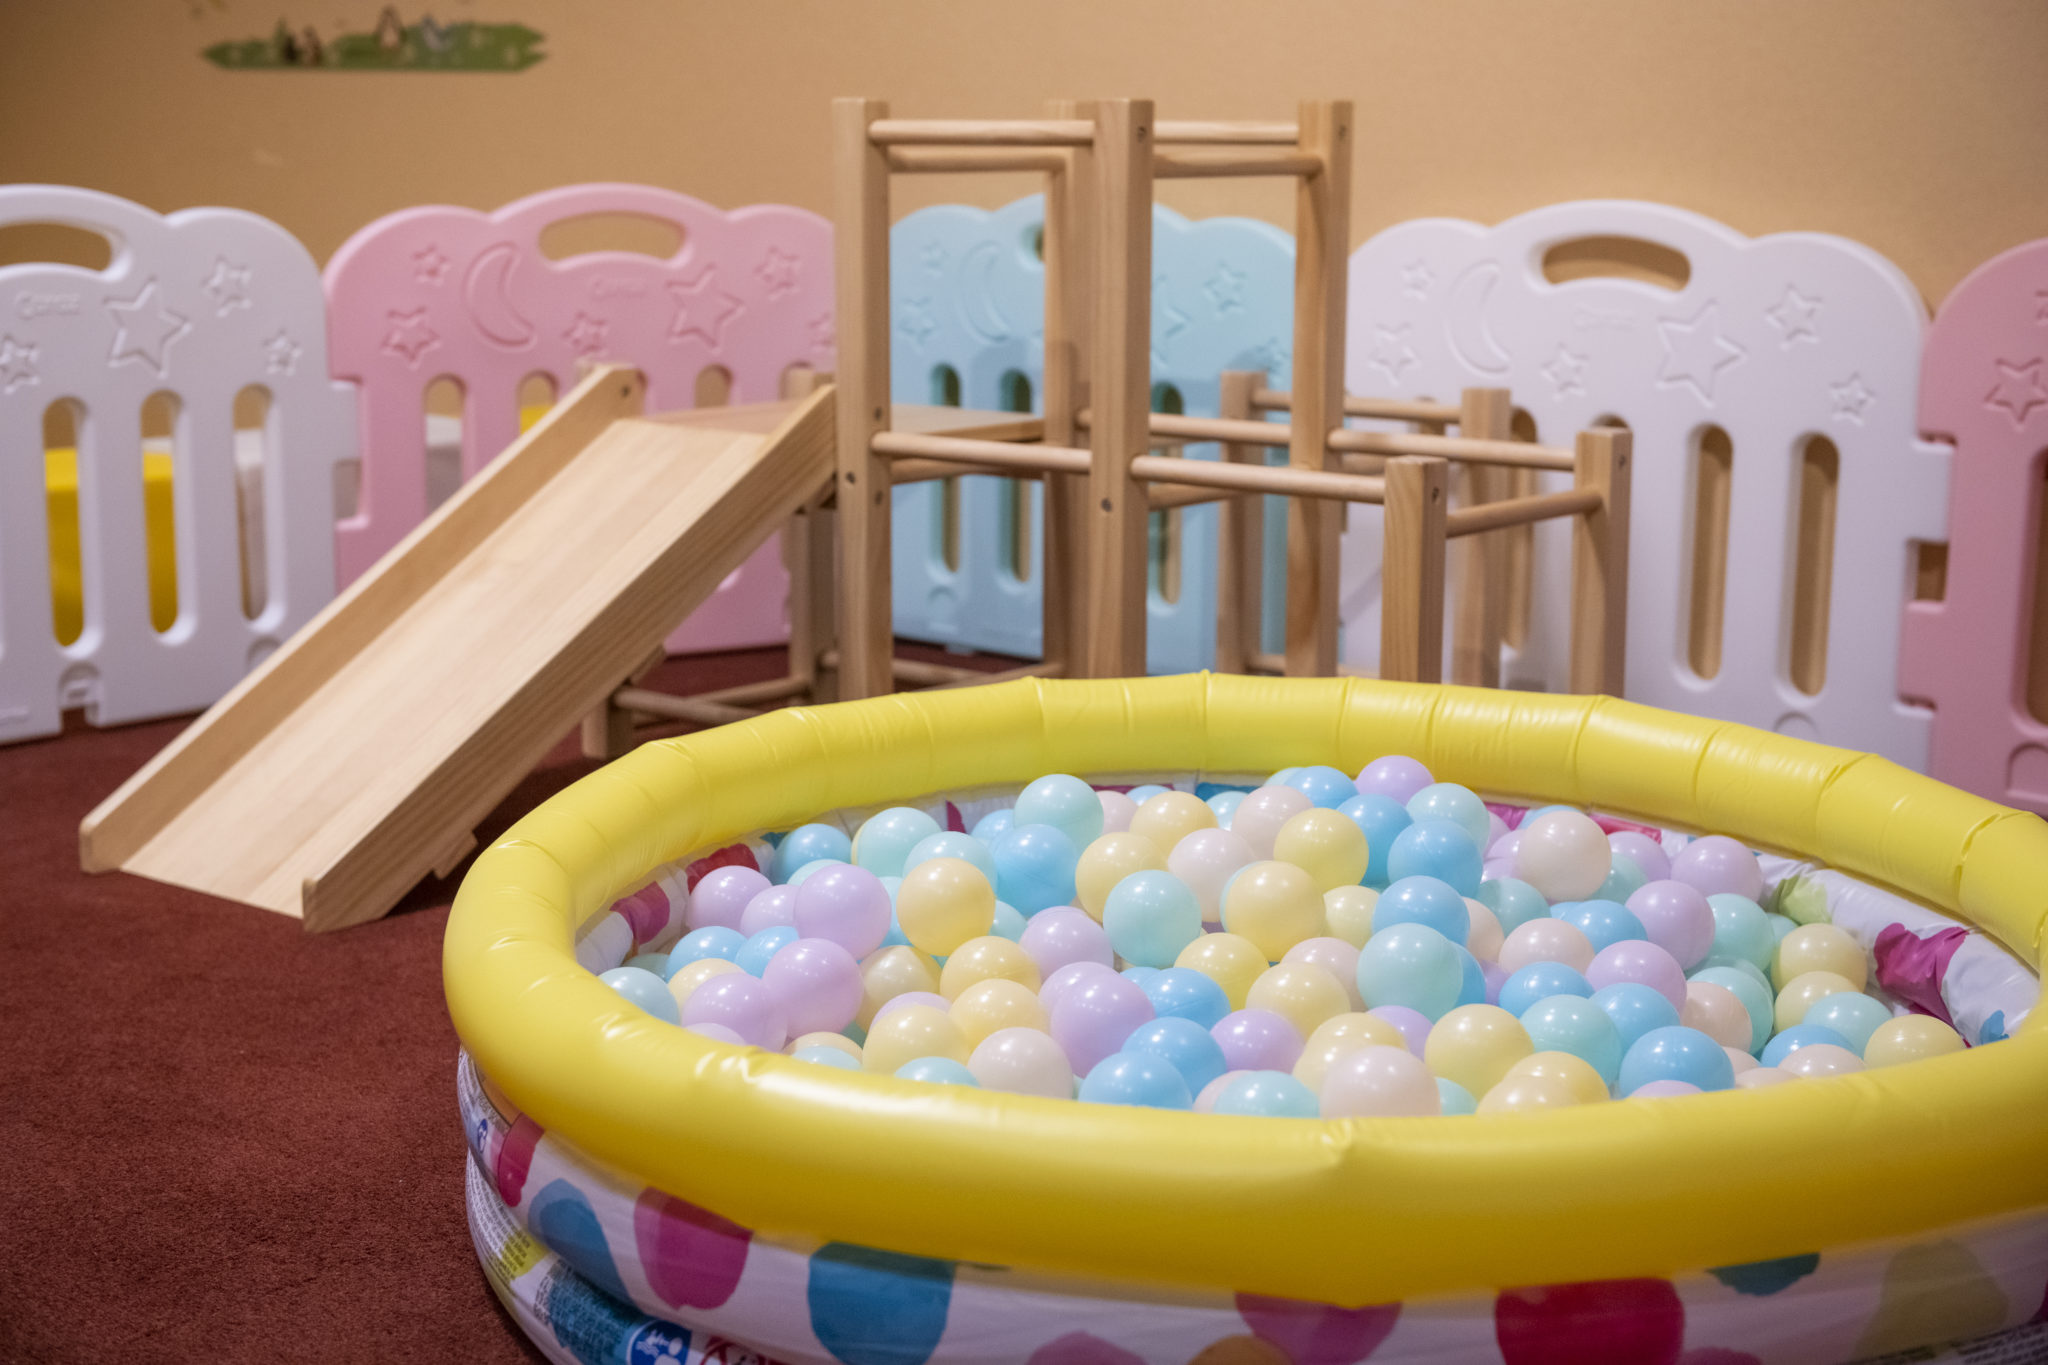 花月のキッズルームは大人も子供もホッとできる♪